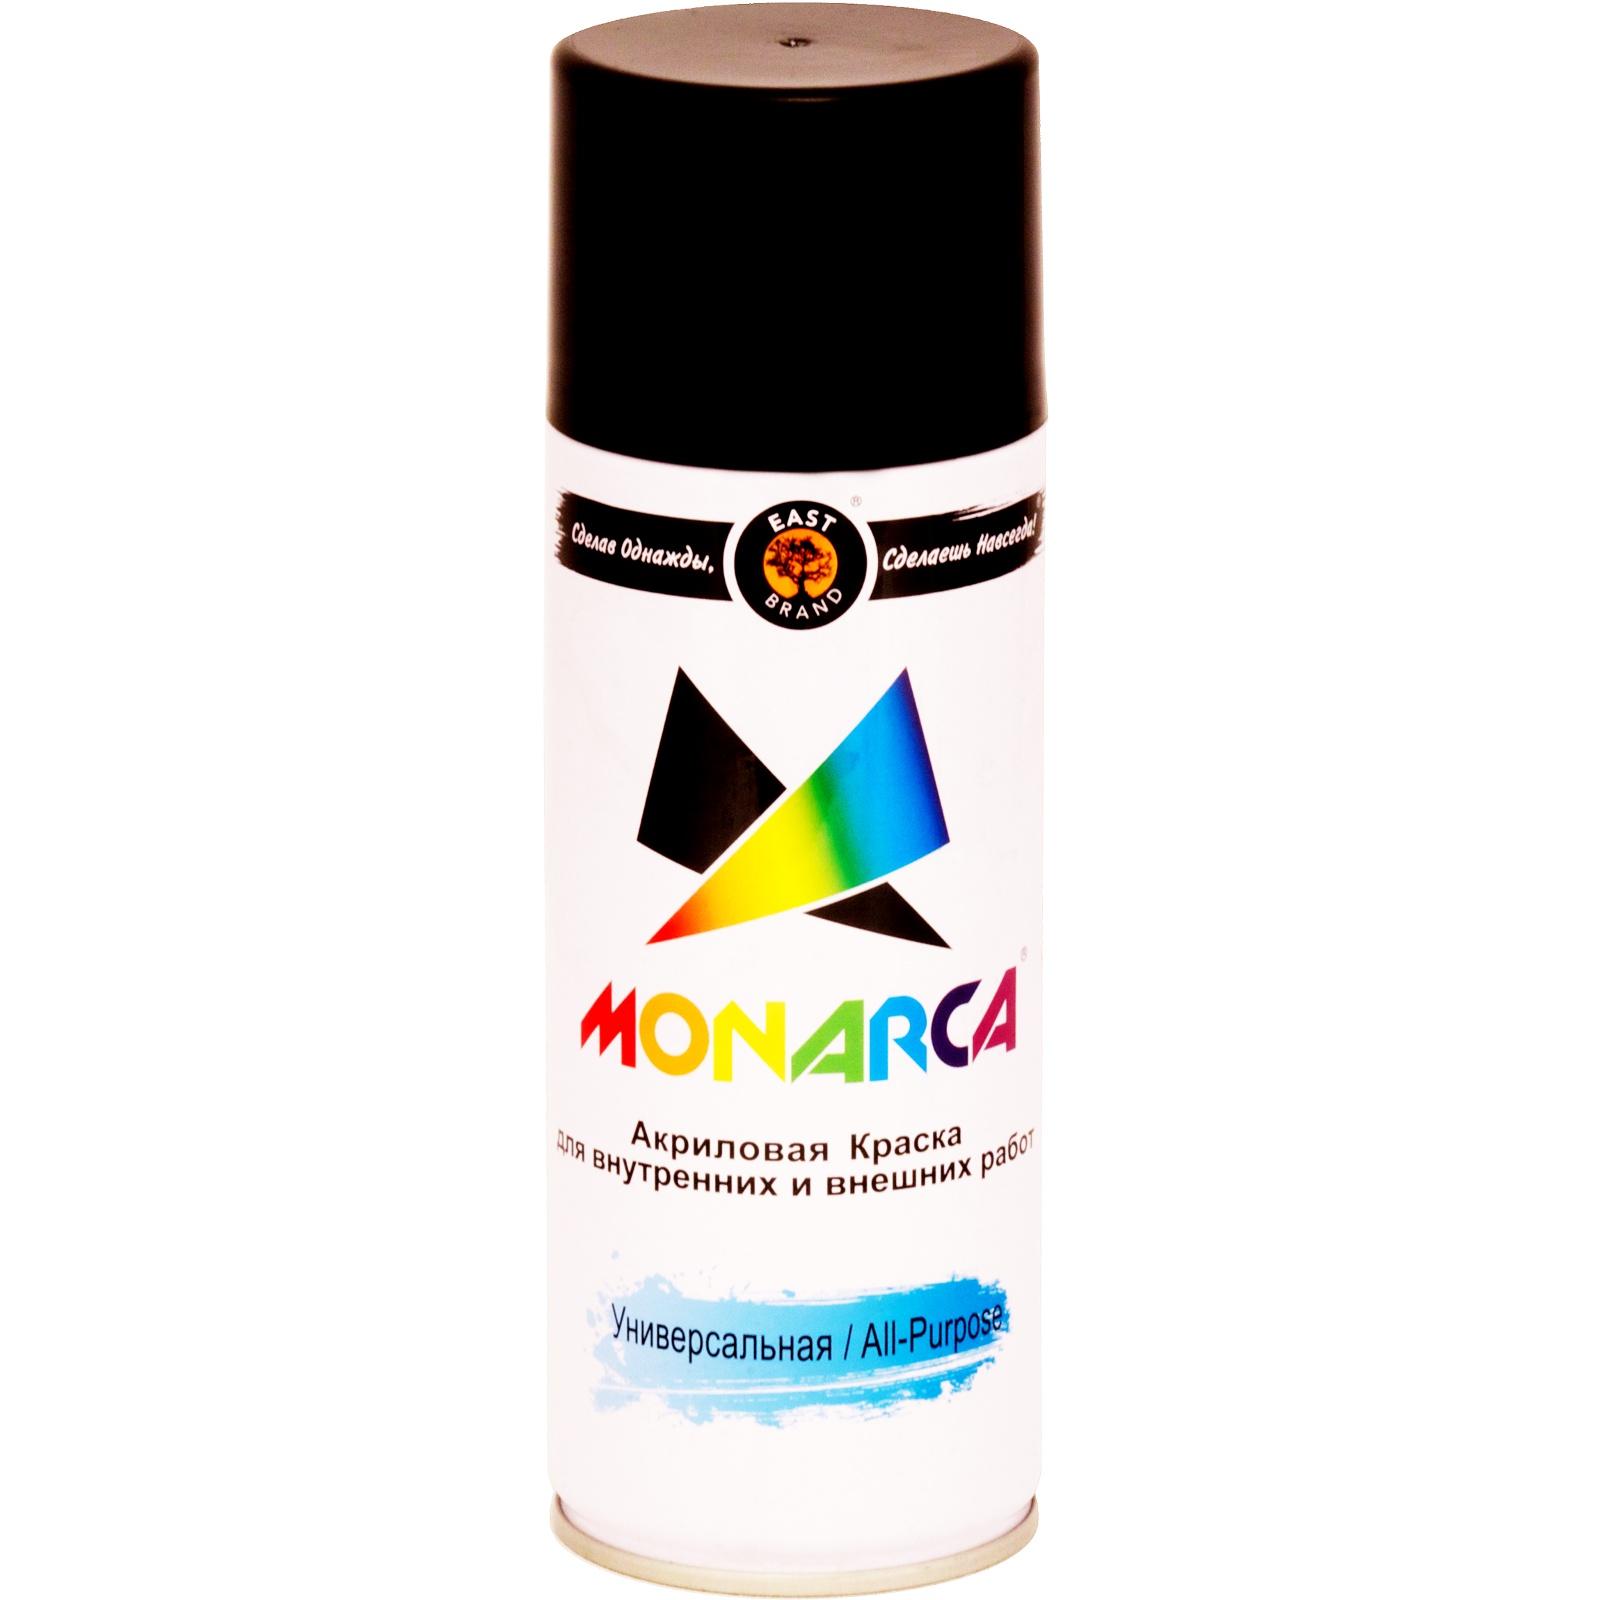 цены Аэрозольная краска Monarca 19505, черный